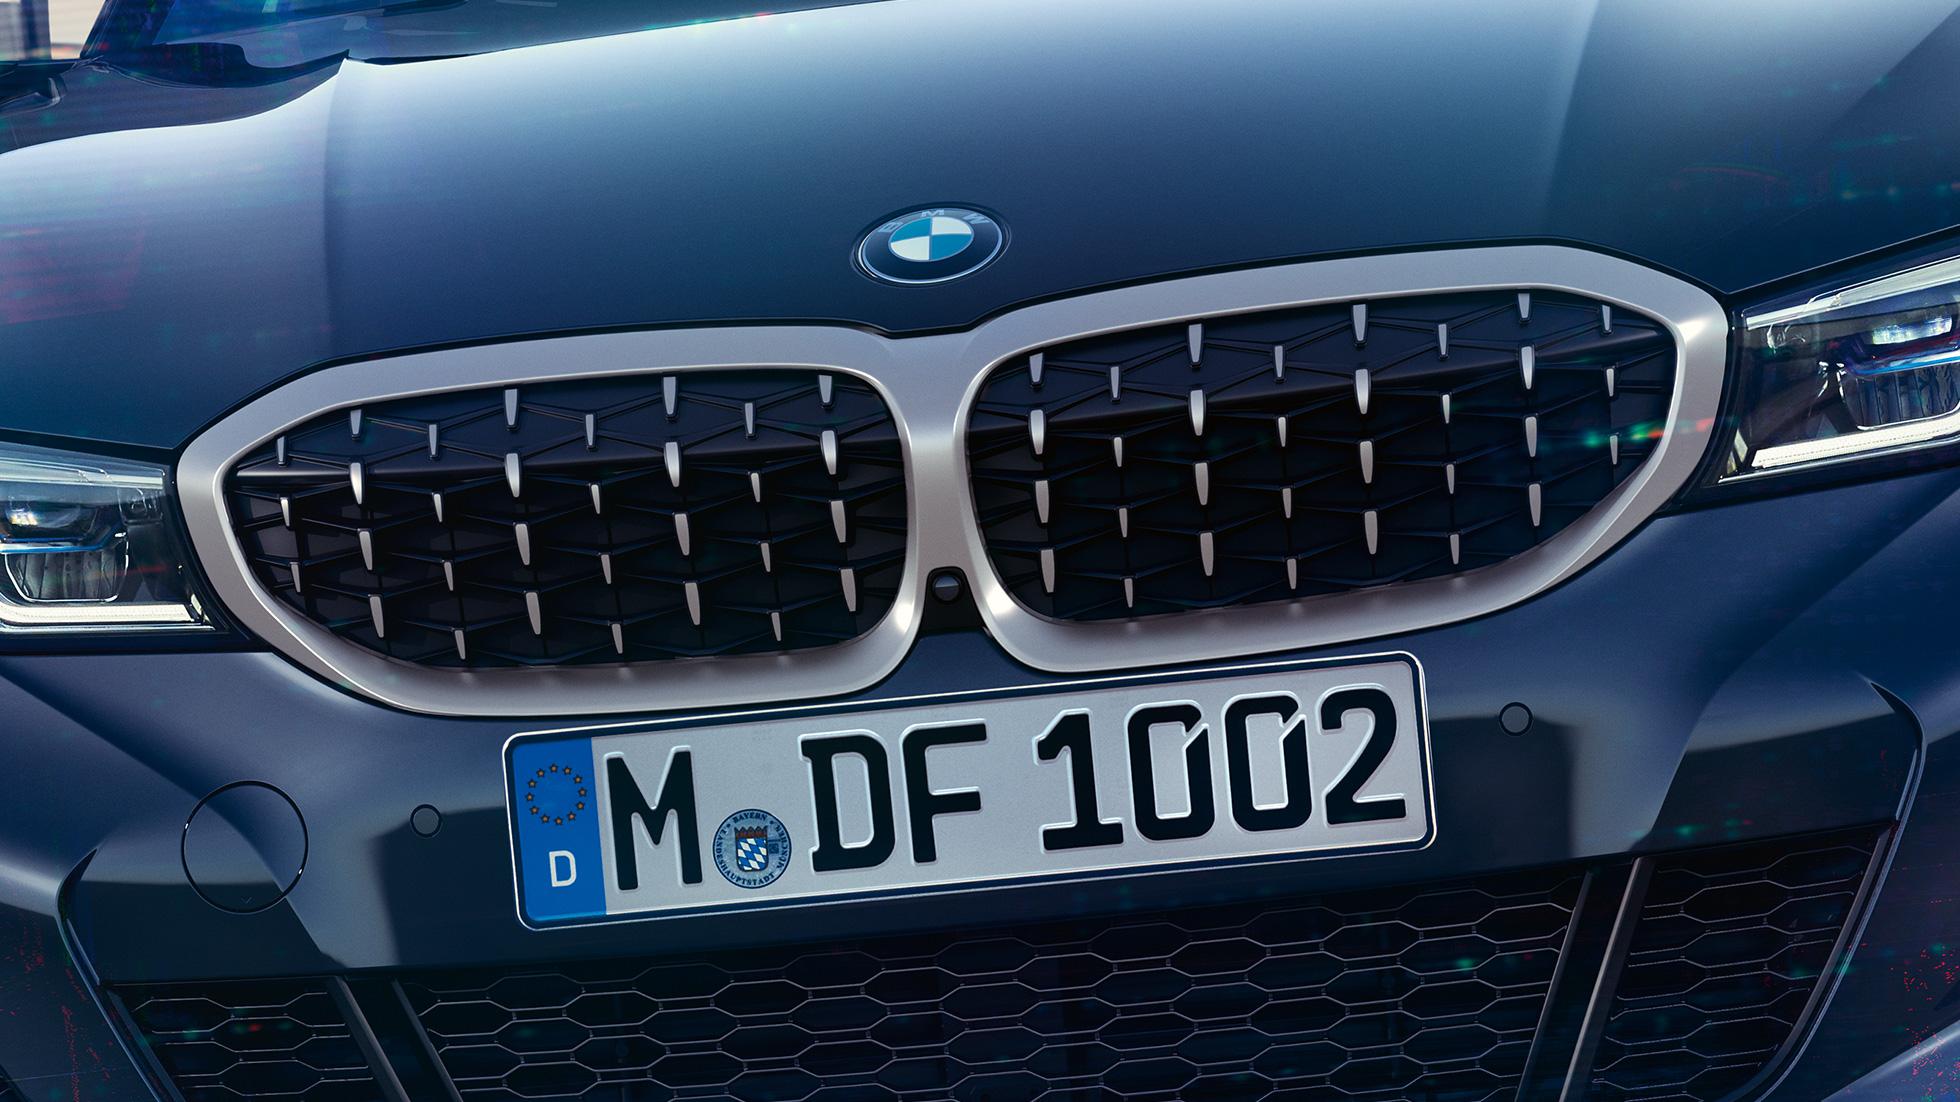 Bmw M340i G20 New Photos Debut At La Auto Show